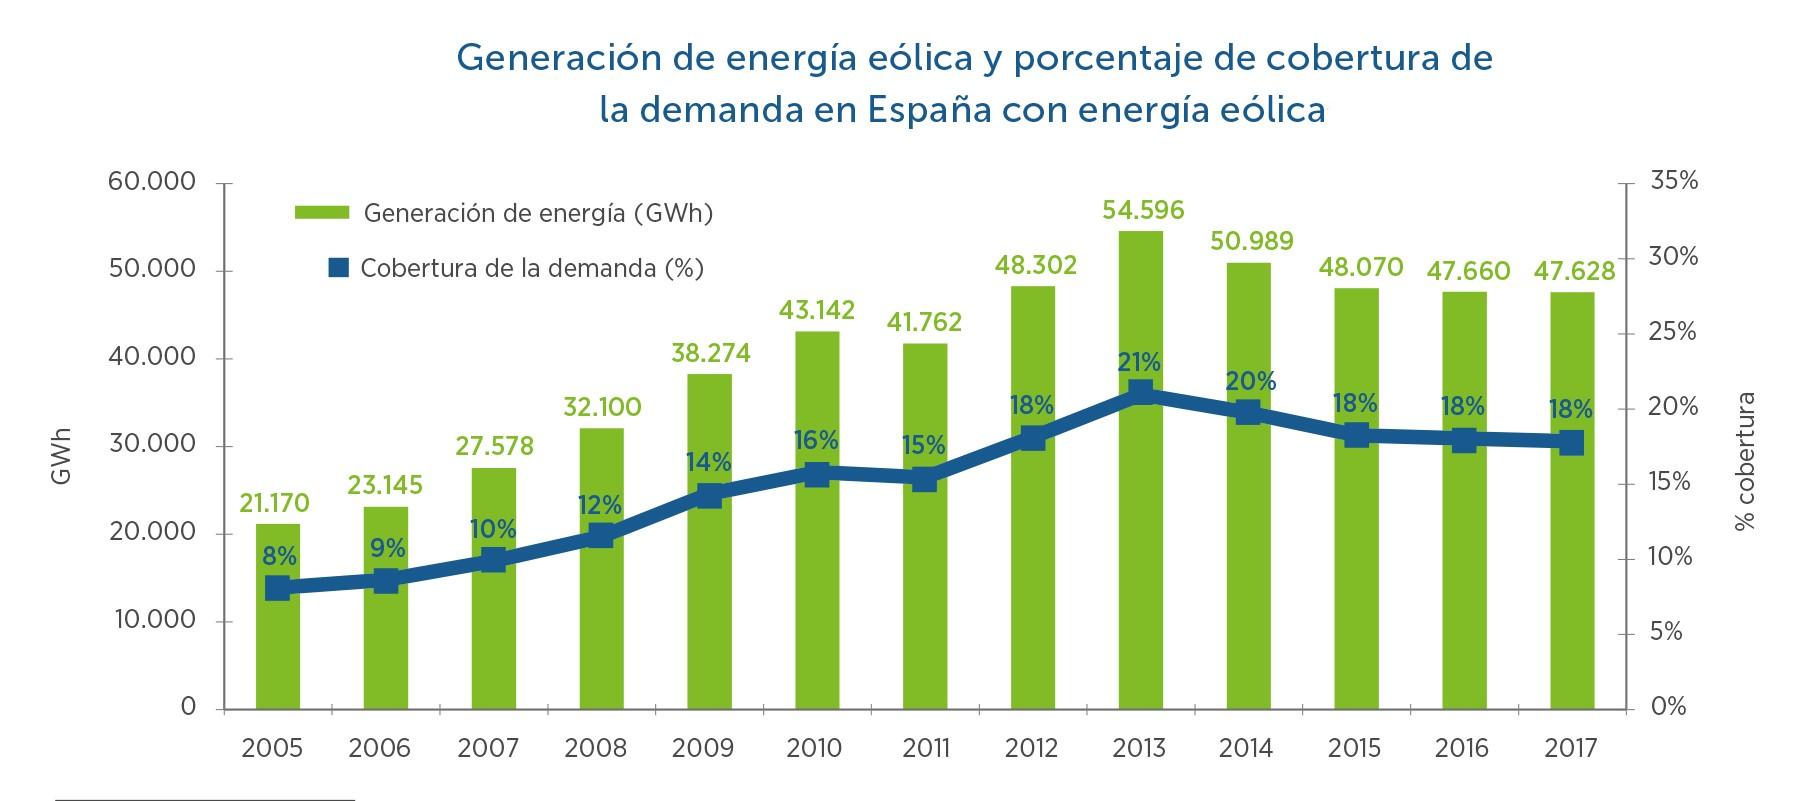 2-Generacin-de-energa-elica-y-porcentaje-de-cobertura-de-la-demanda